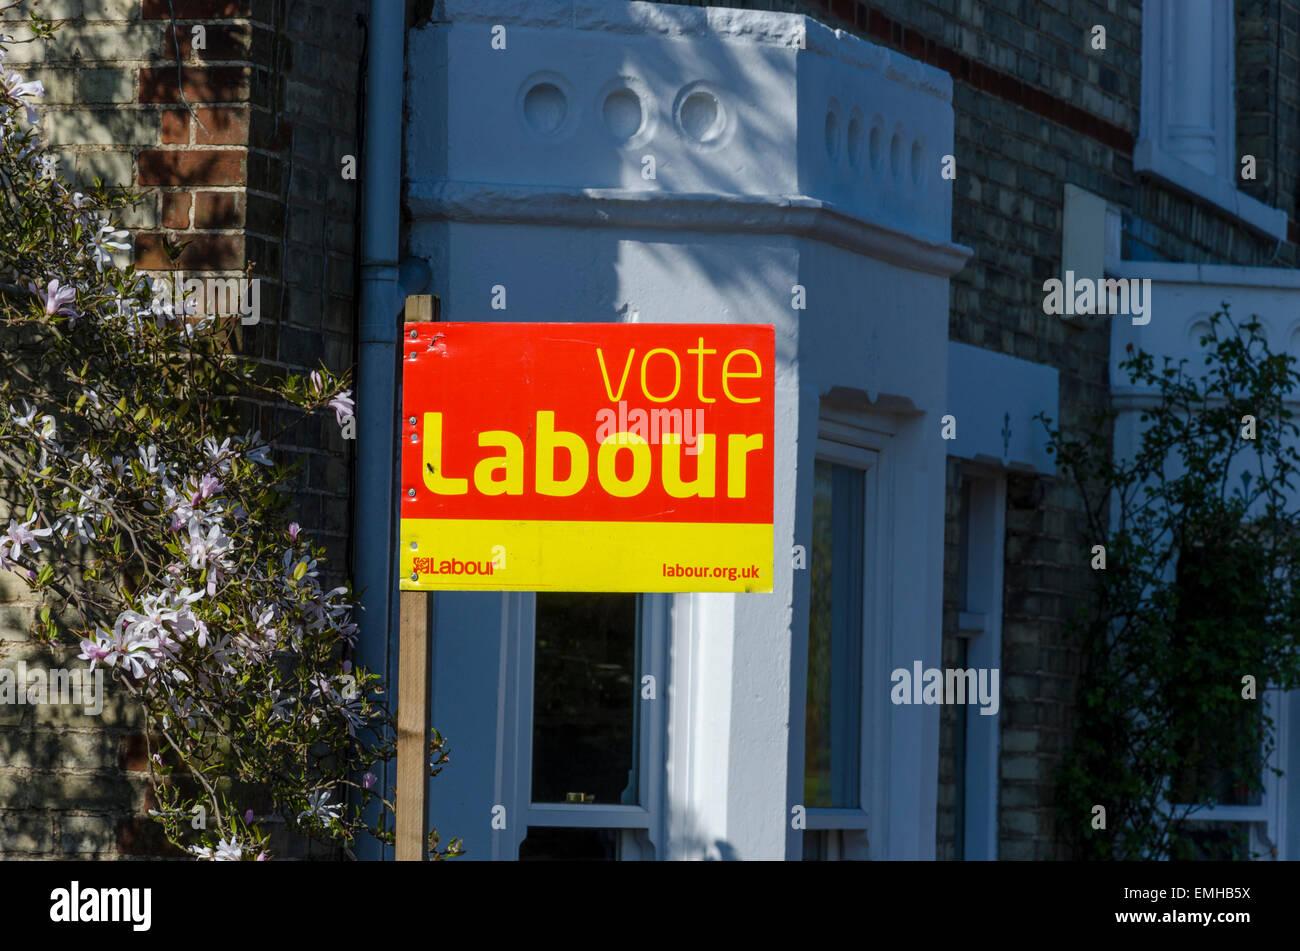 Cambridge, UK. 21. April 2015. Allgemeinen Wahlplakate für Labour (Kandidat Daniel Zeichner) vor einem Haus Stockbild